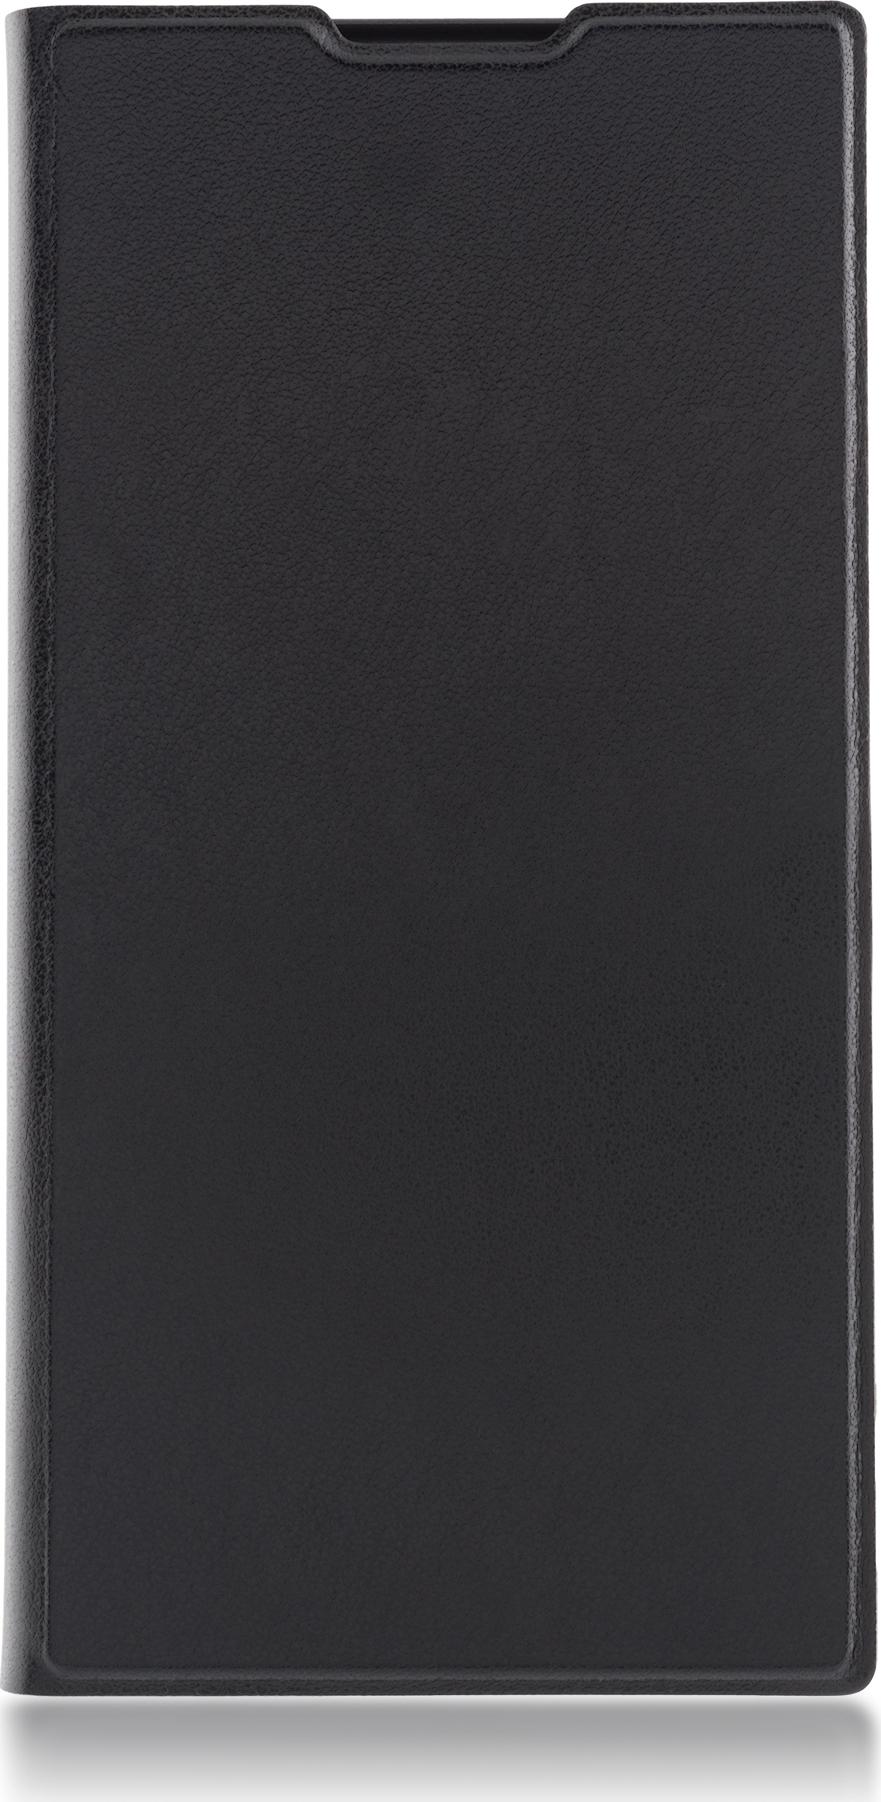 Чехол Brosco Book для Sony Xperia L1, черный чехол для sony i4213 xperia 10 plus brosco силиконовая накладка черный